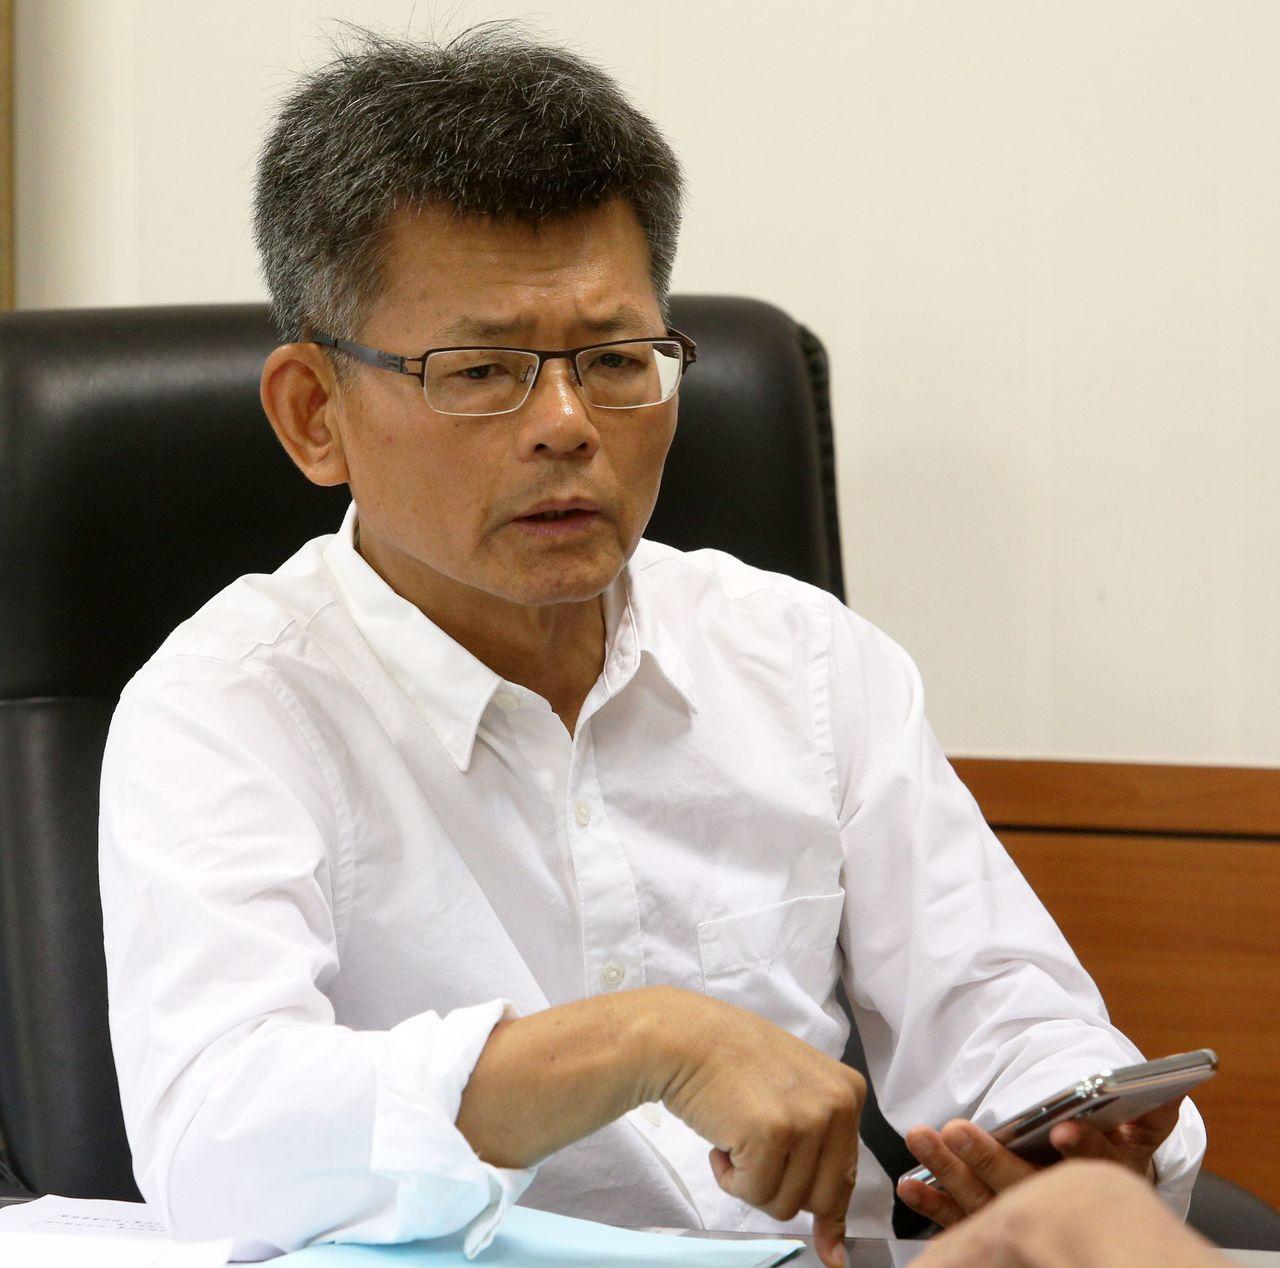 前高雄縣長楊秋興,發臉書批韓國瑜。圖/聯合報資料照